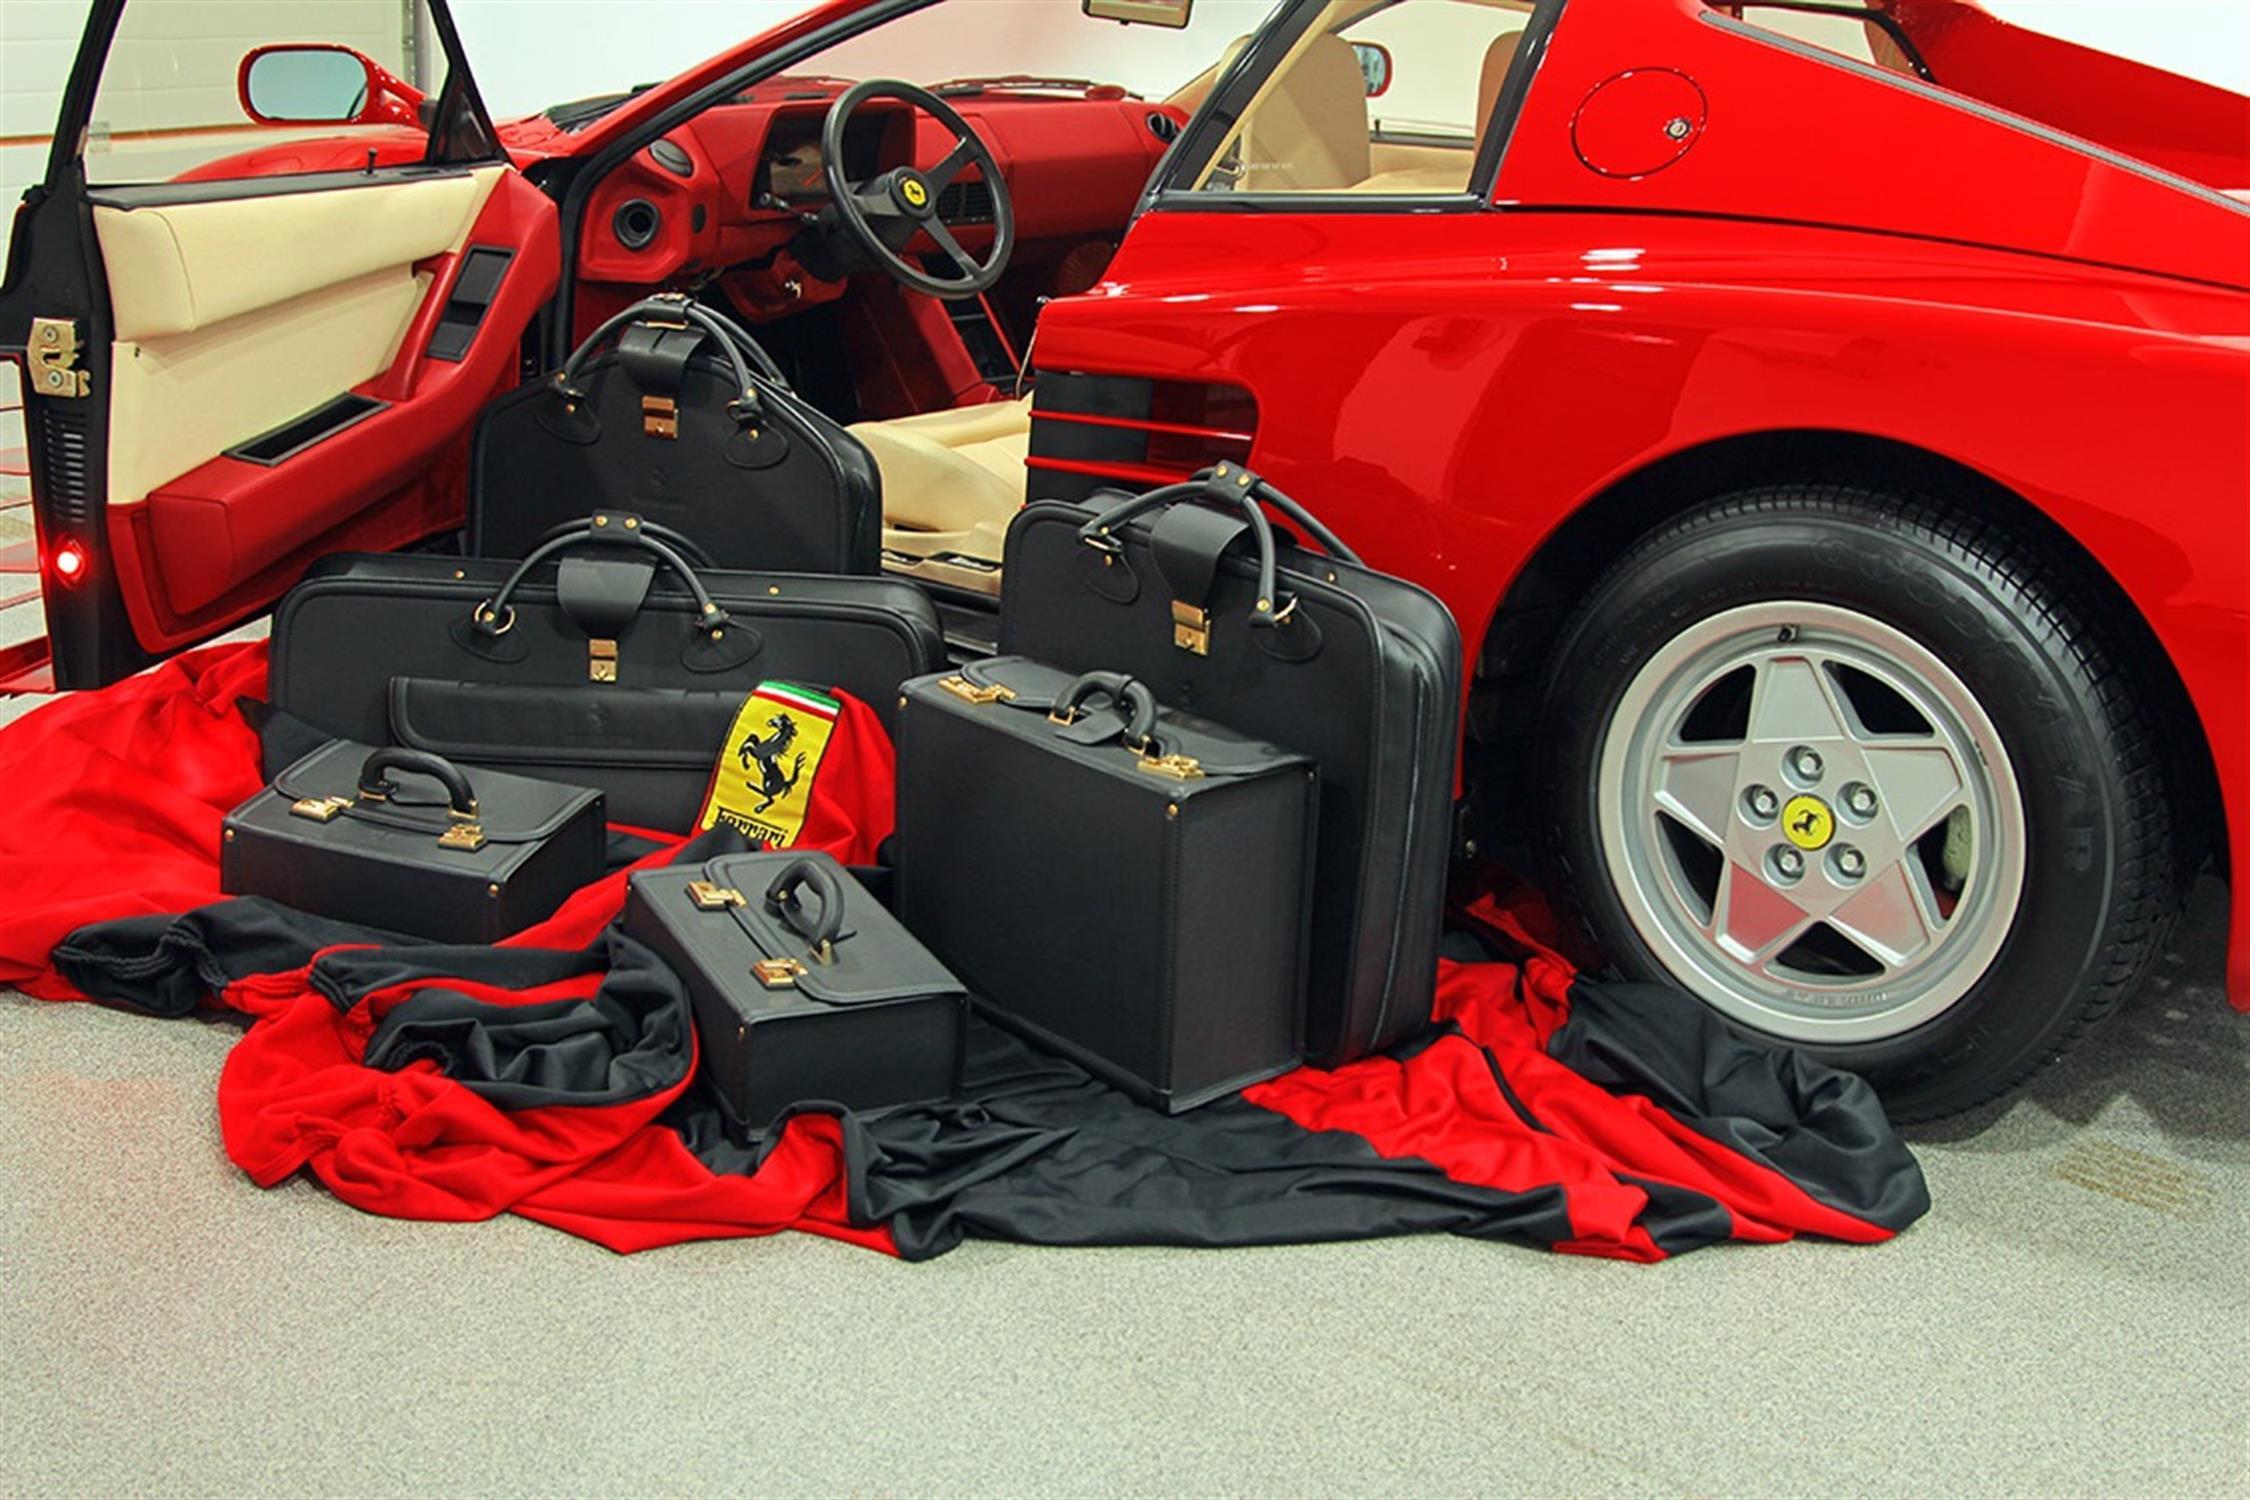 1991 Ferrari Testarossa - 1,829 Kilometres From New & Classiche'd - Image 4 of 15